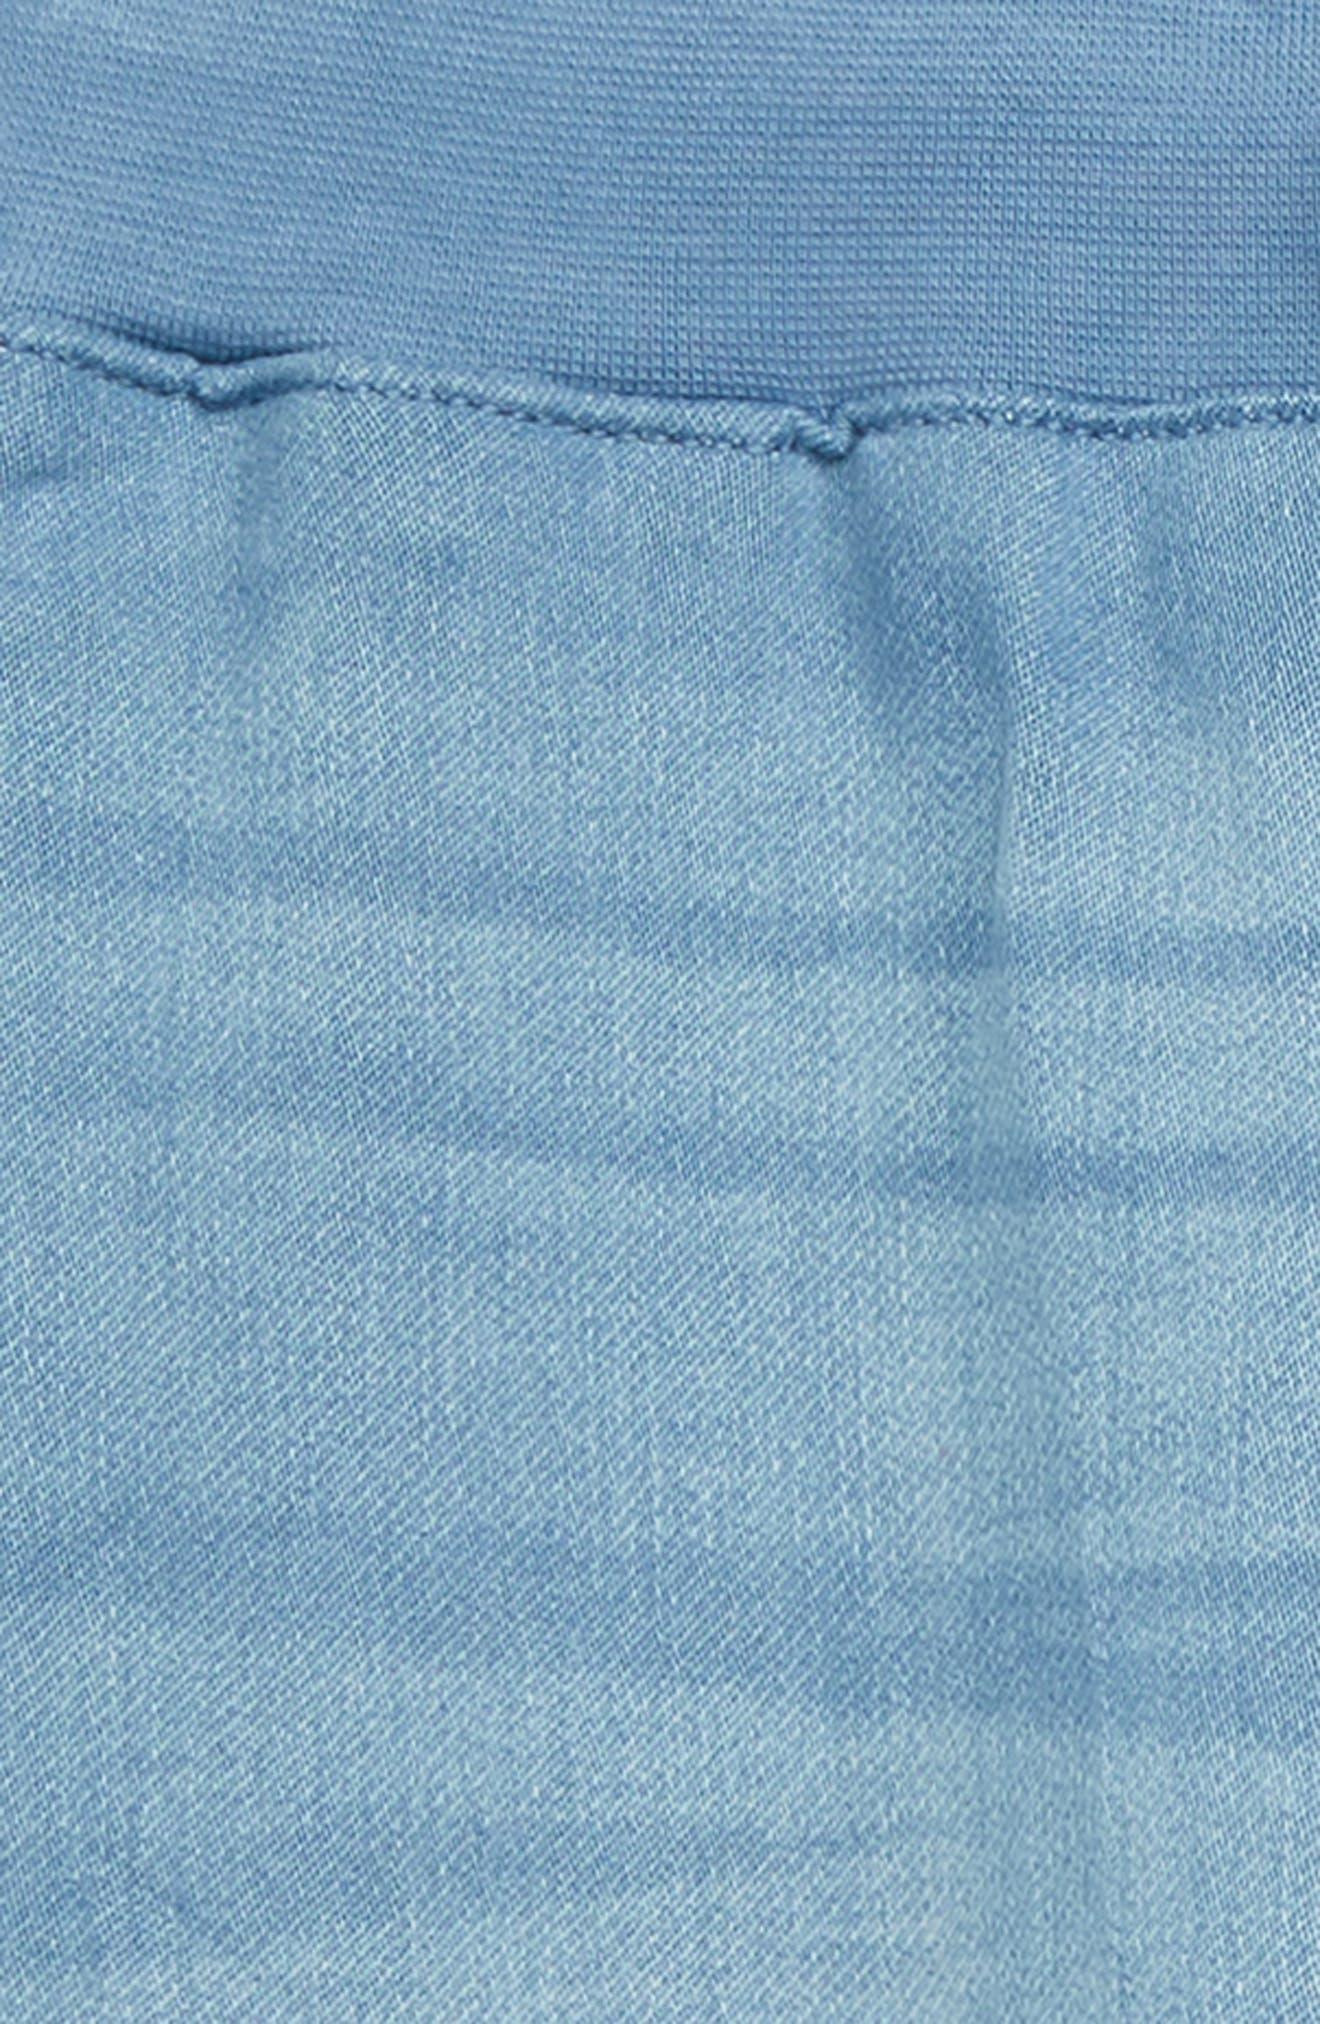 Dot Denim Jogger Pants,                             Alternate thumbnail 2, color,                             STEM LIGHT WASH